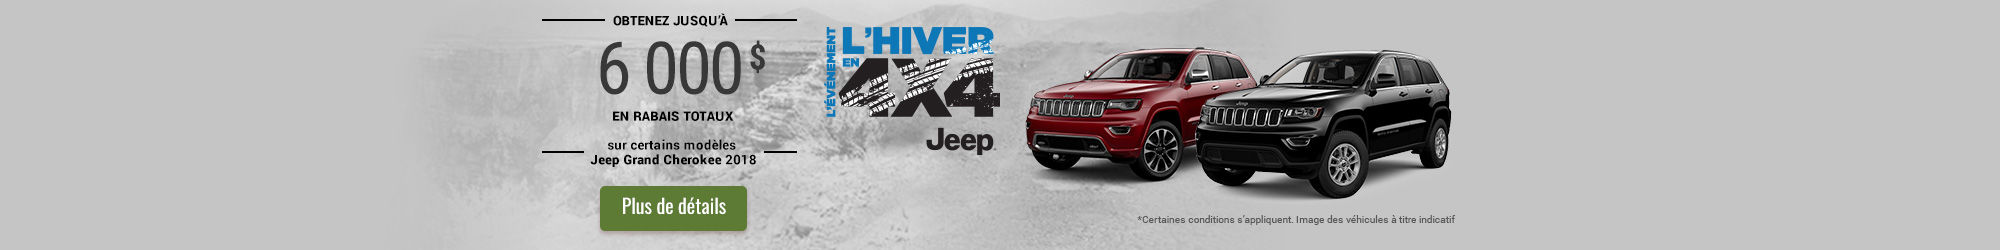 L'événement l'hiver en 4x4 - Jeep